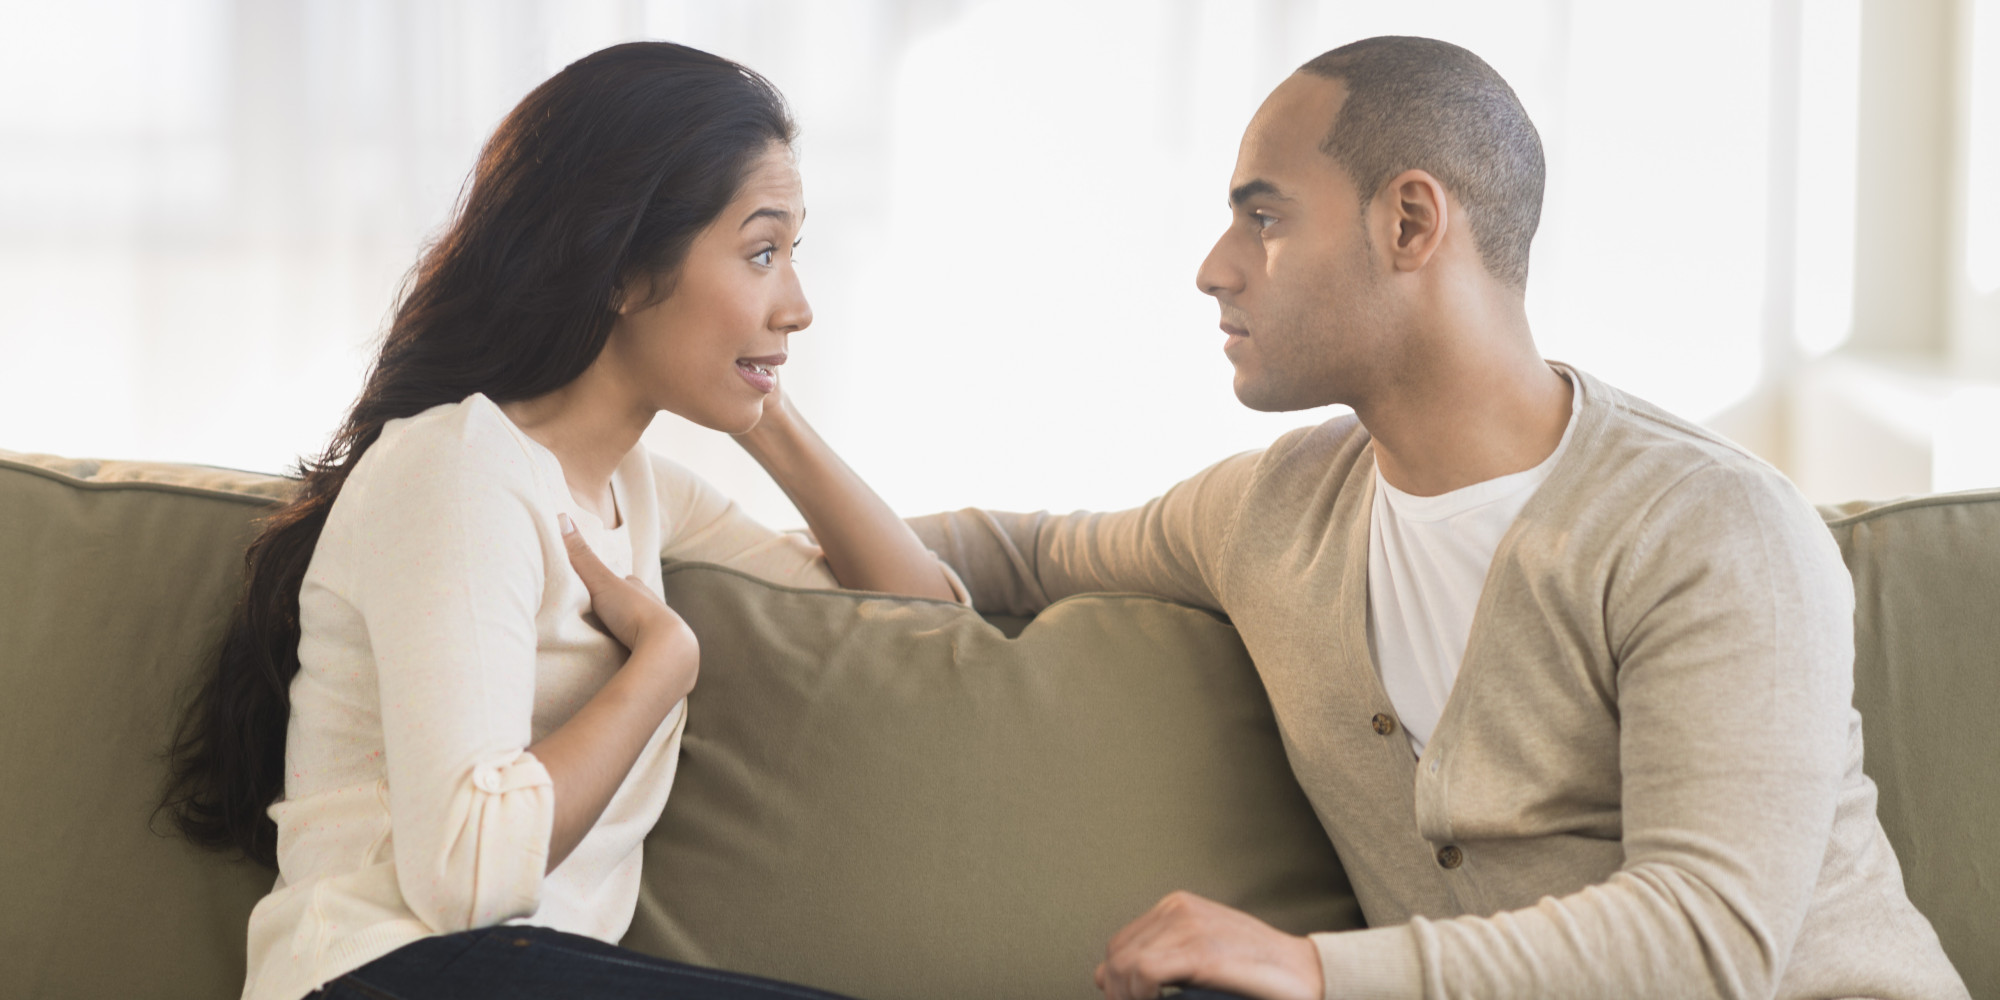 چگونه مانع حرمت شکنی همسرمان باشیم؟